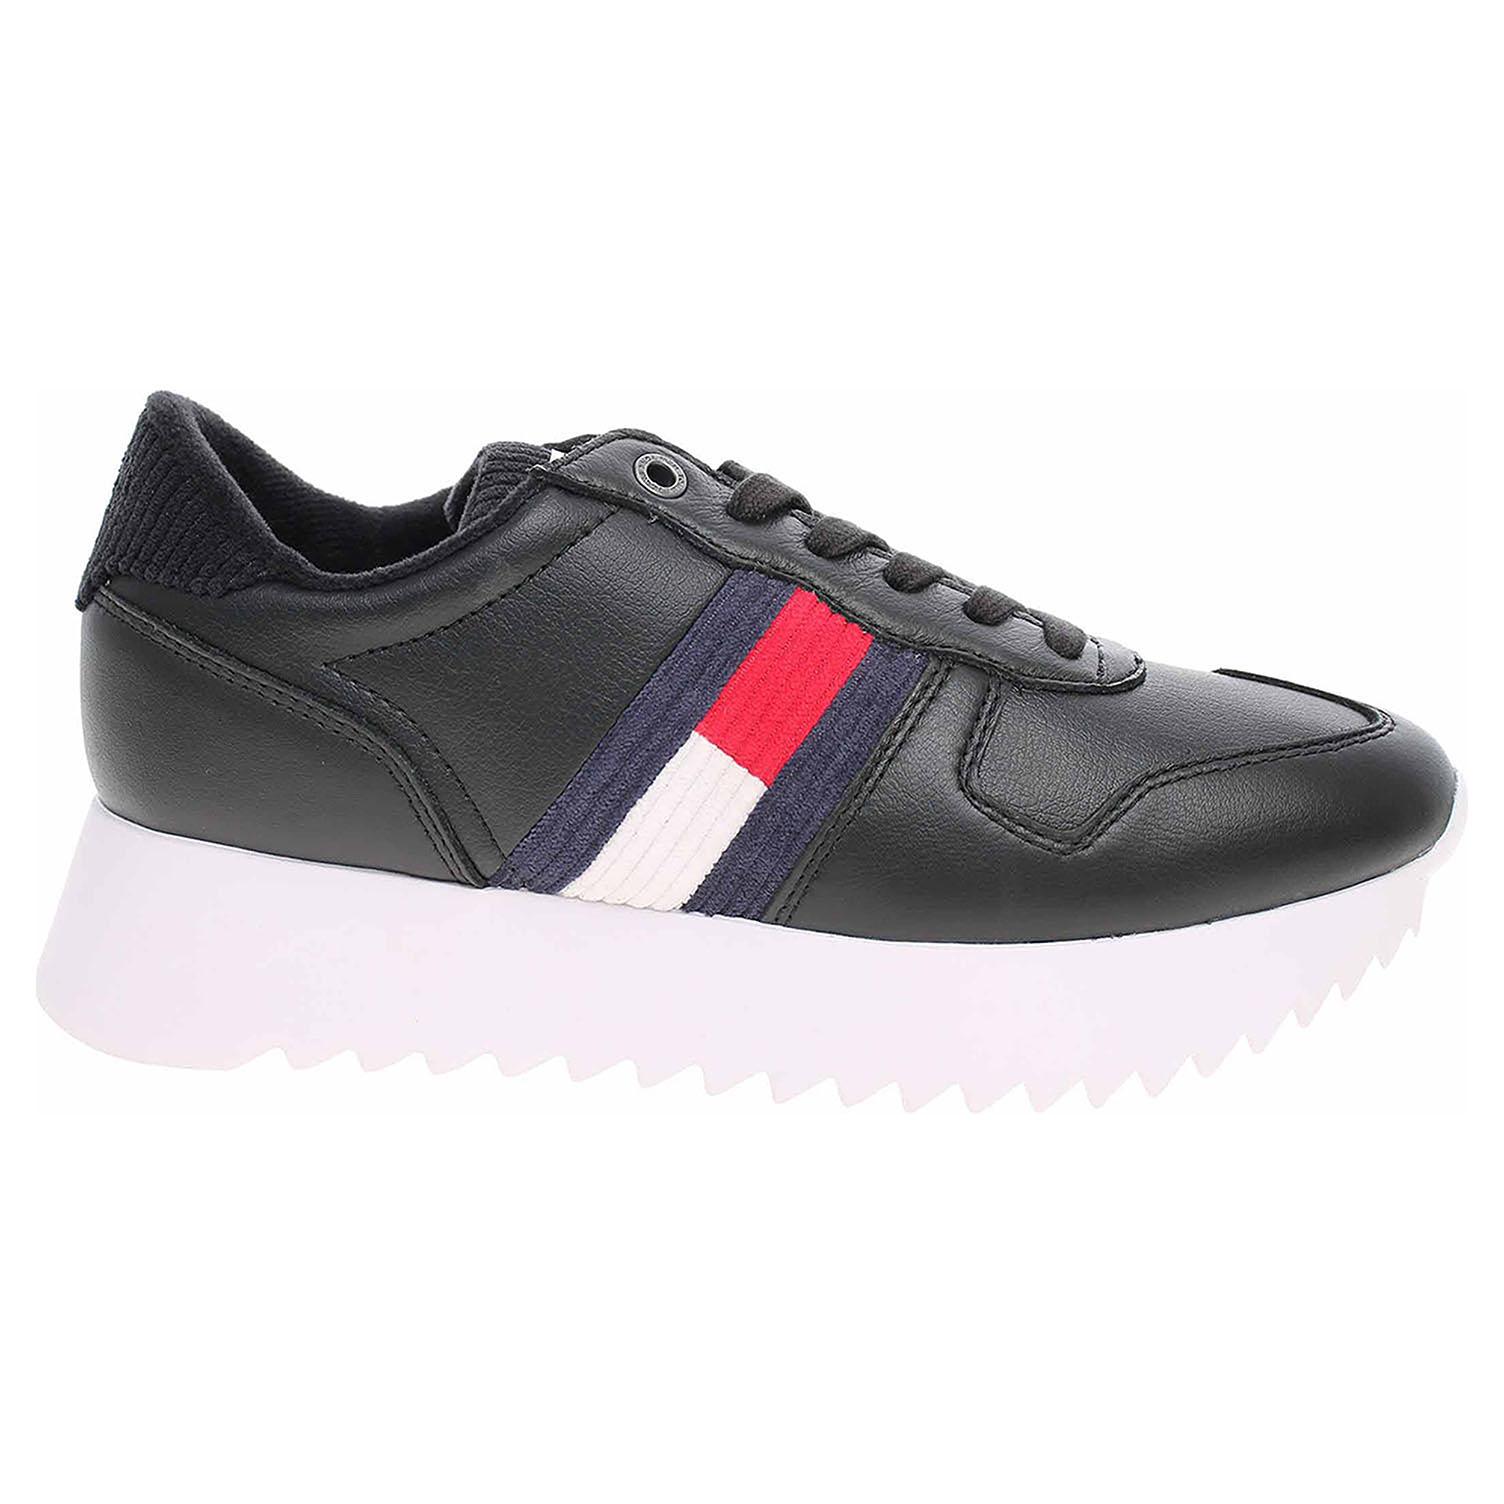 Dámská obuv Tommy Hilfiger EN0EN00658 BDS black EN0EN00658 BDS 39